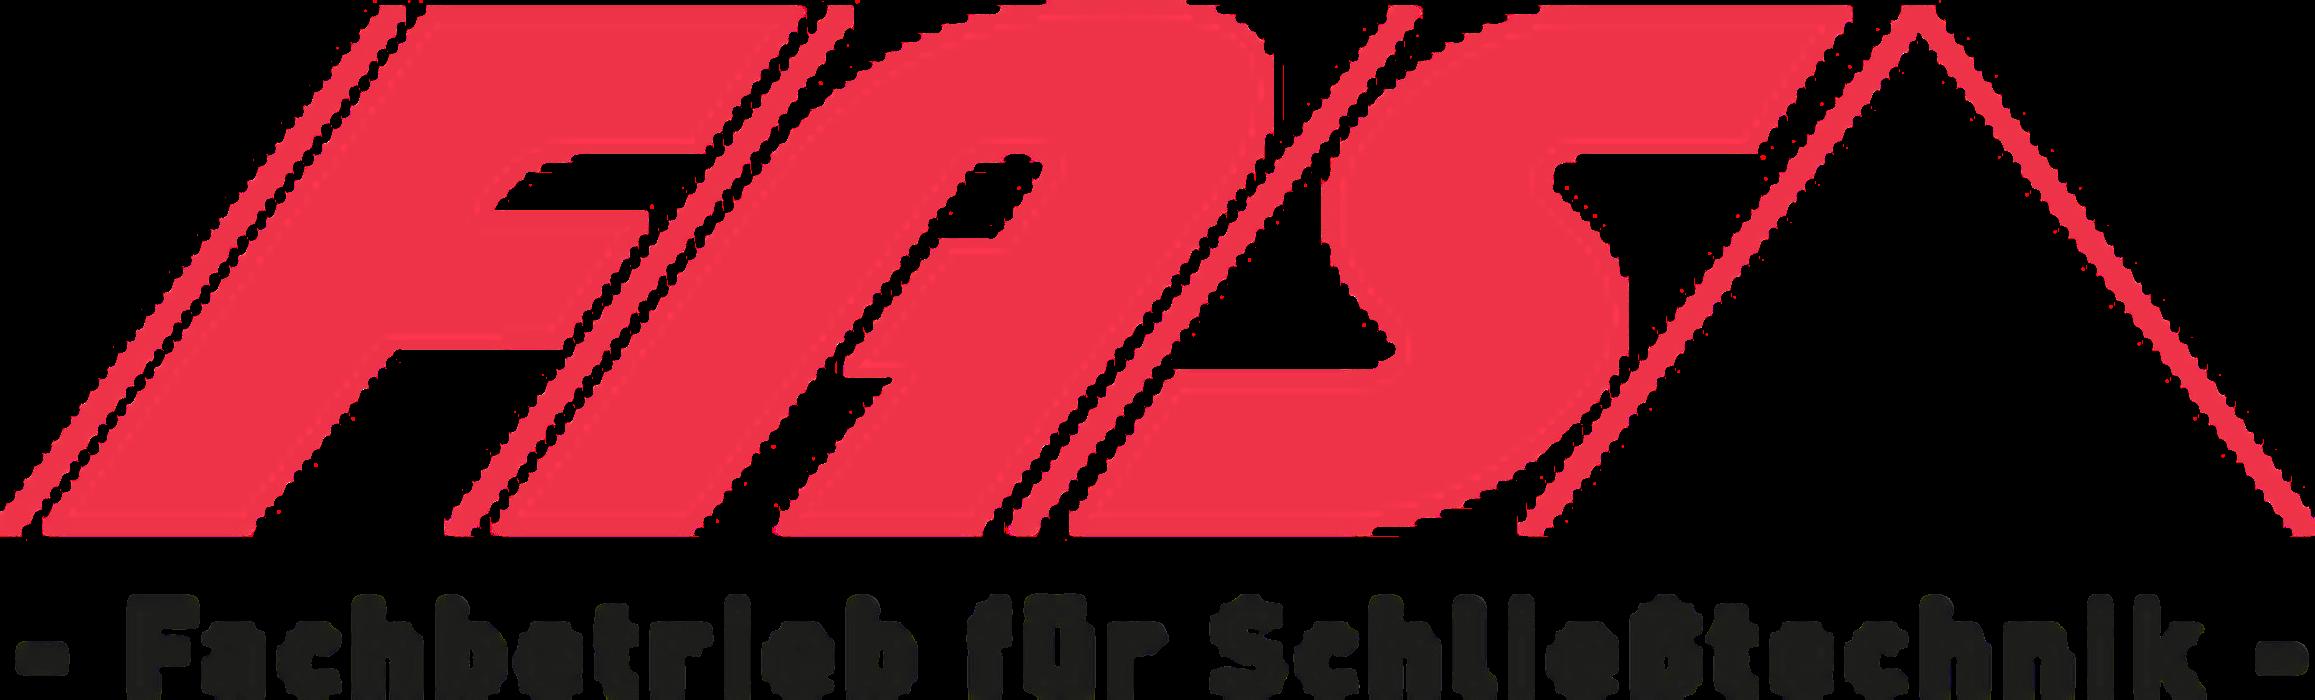 FAS-Schlüsseldienst Ing. Nebert & Böttcher GbR